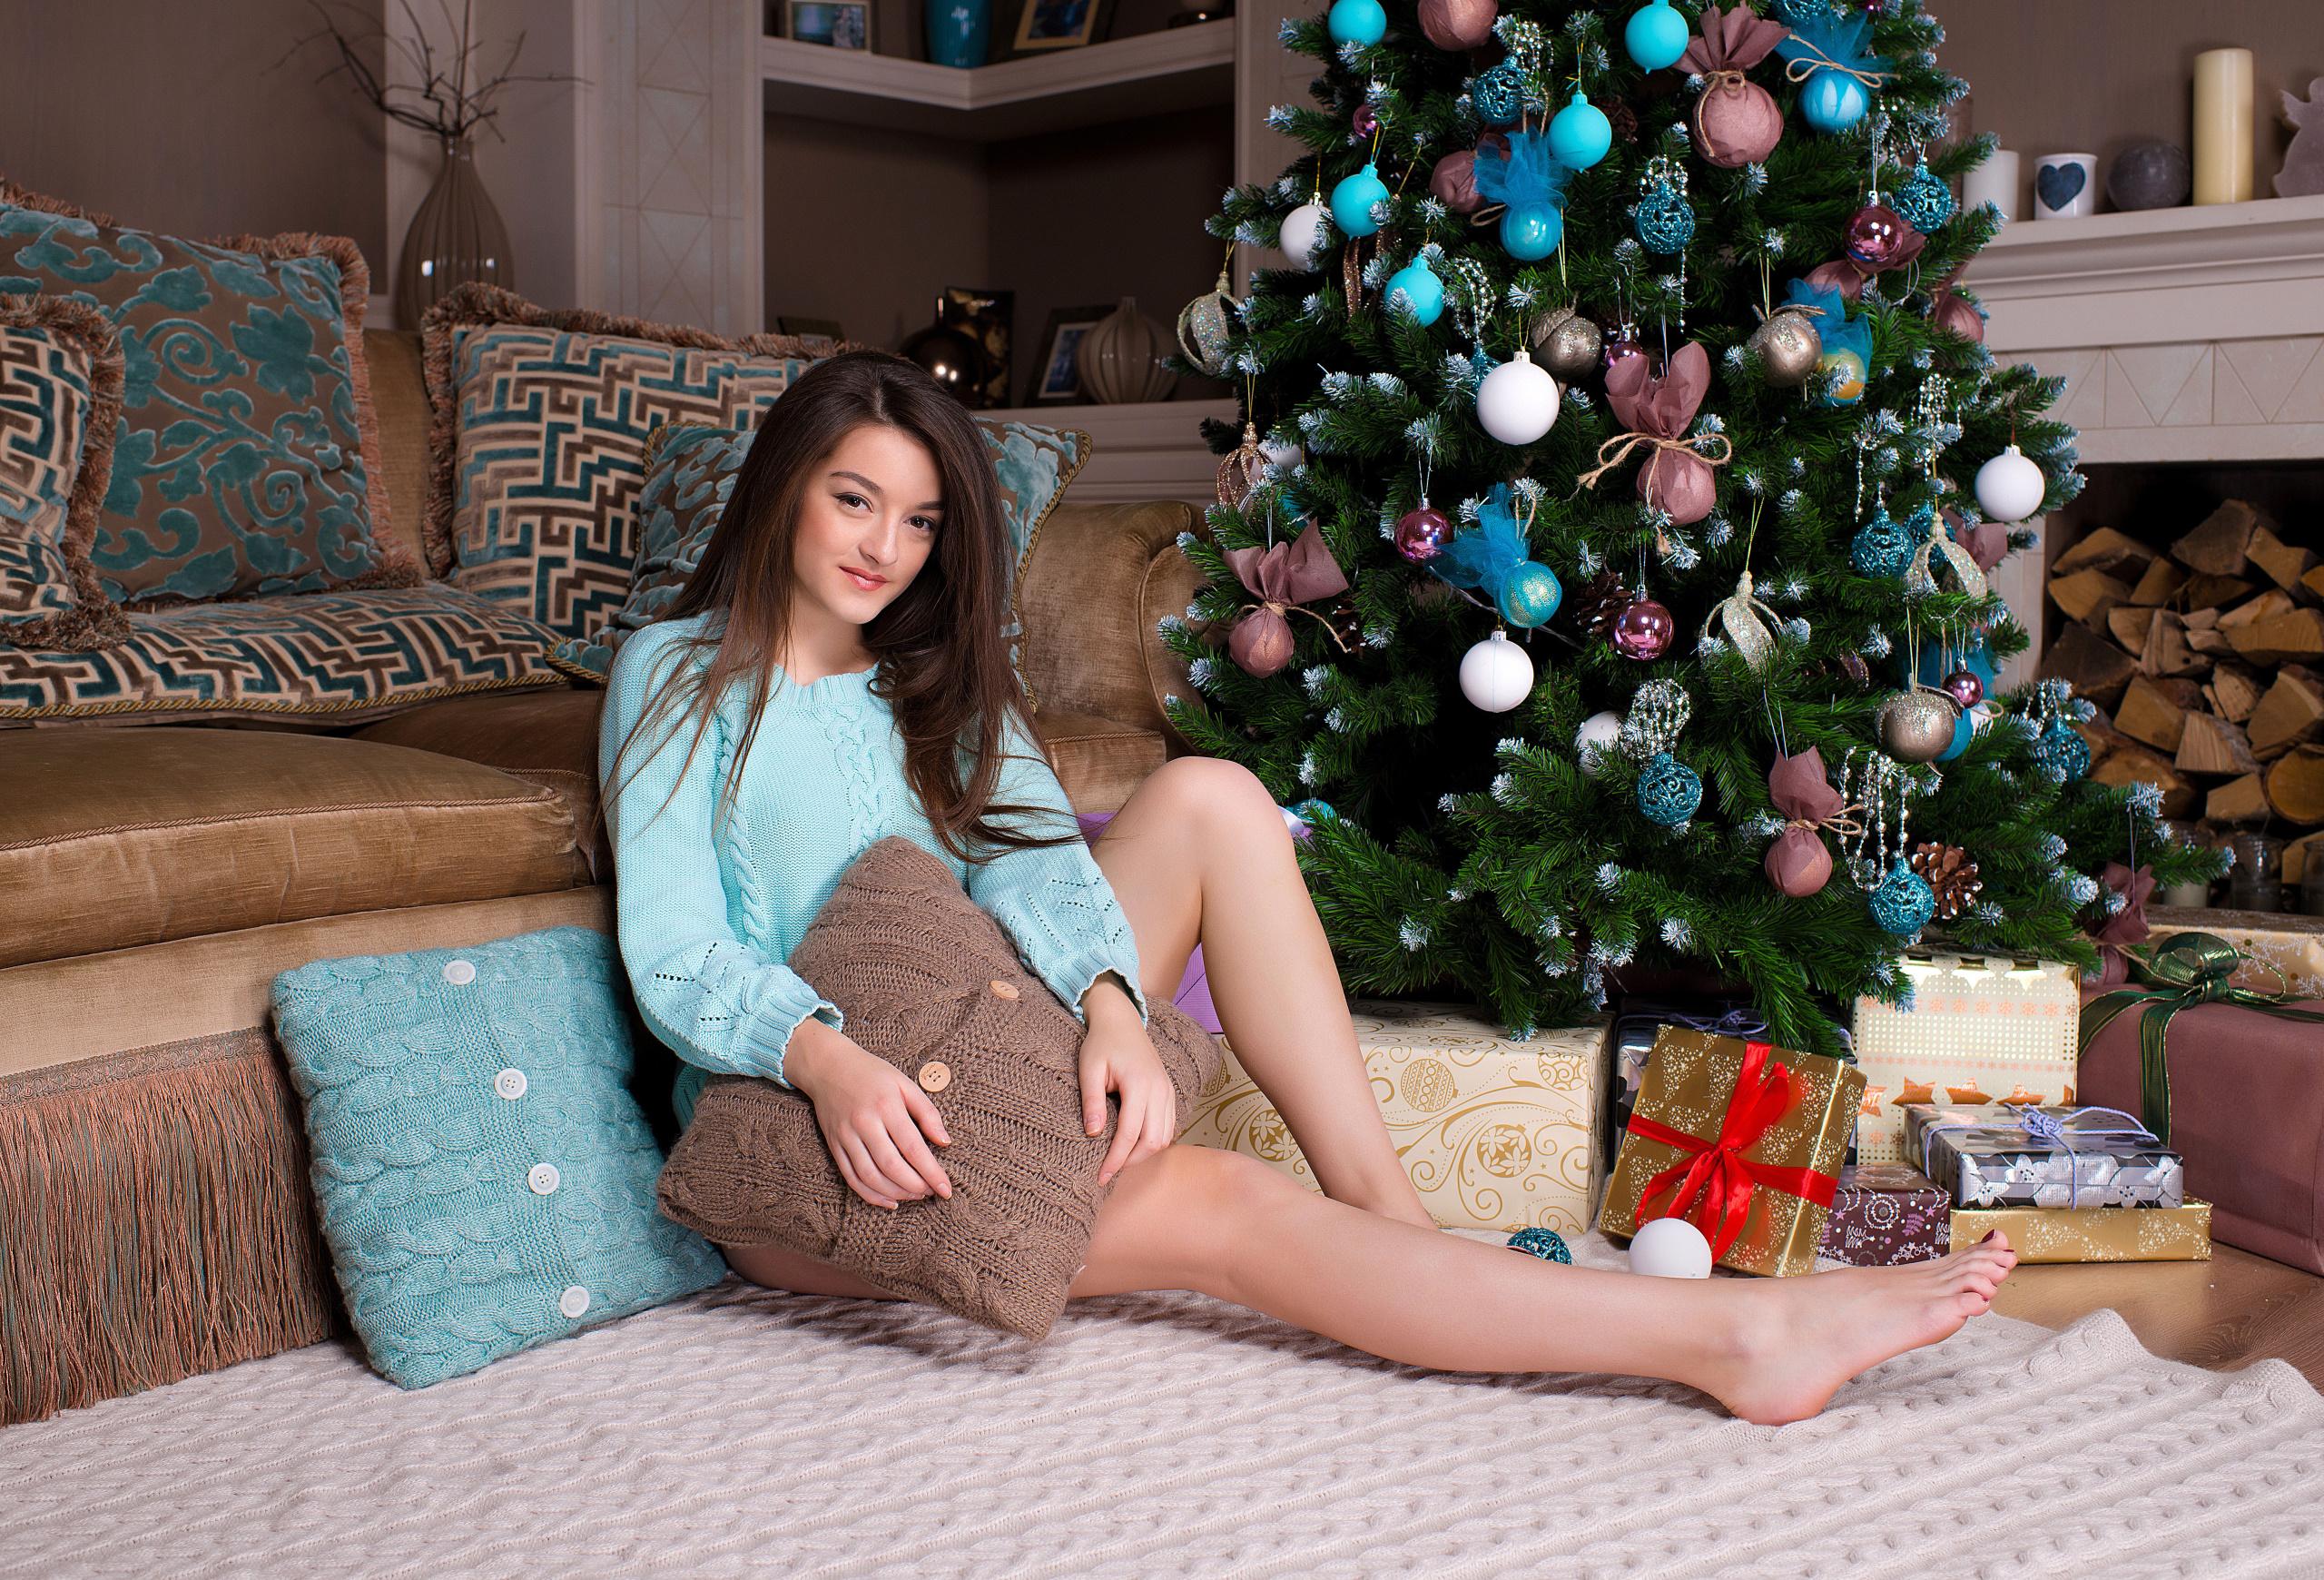 Christmas footjob